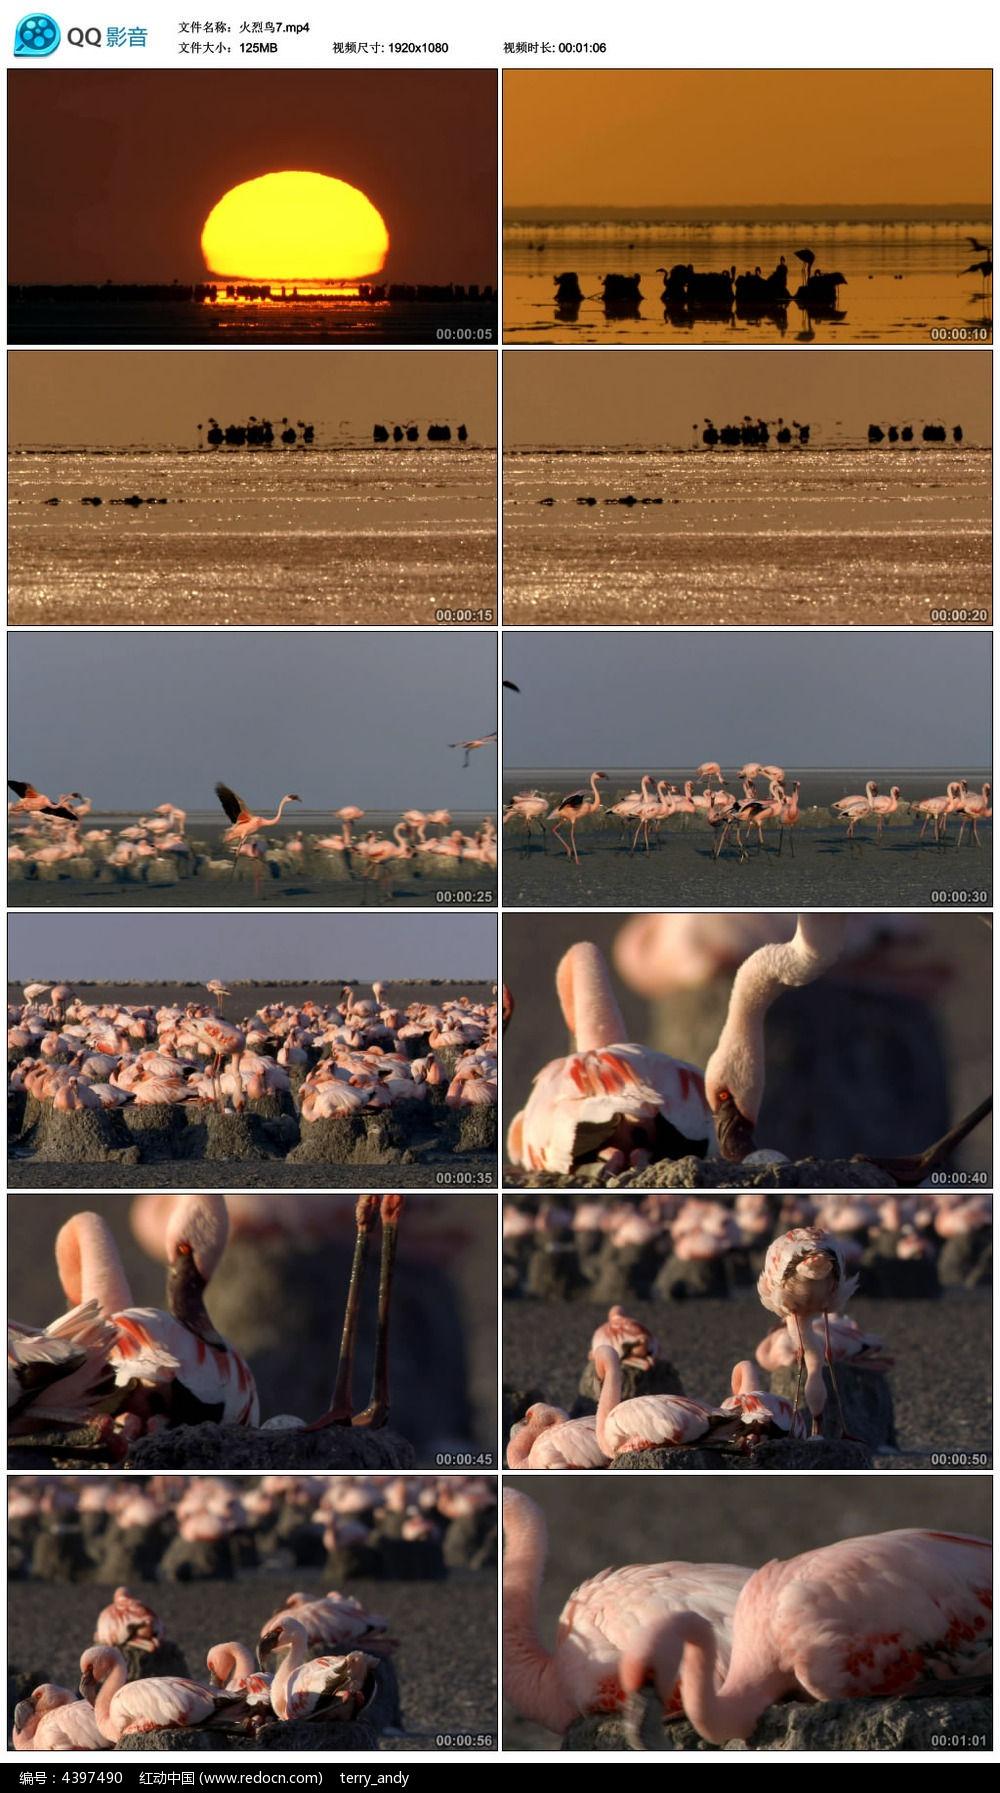 黄昏下的火烈鸟视频图片